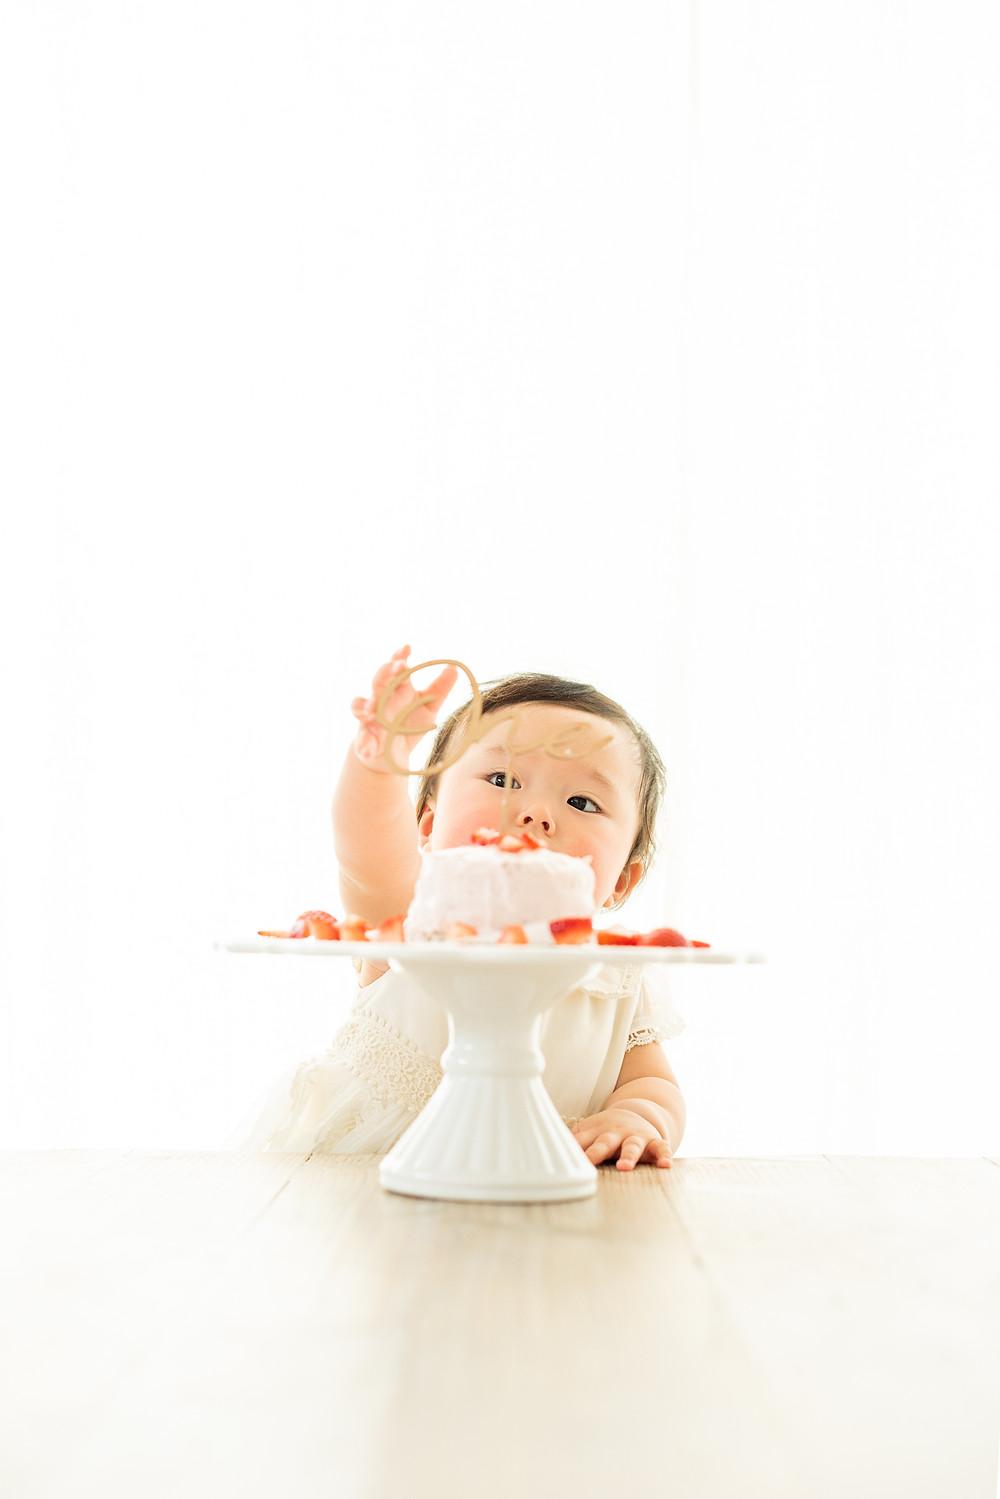 ケーキを食べようとする赤ちゃん